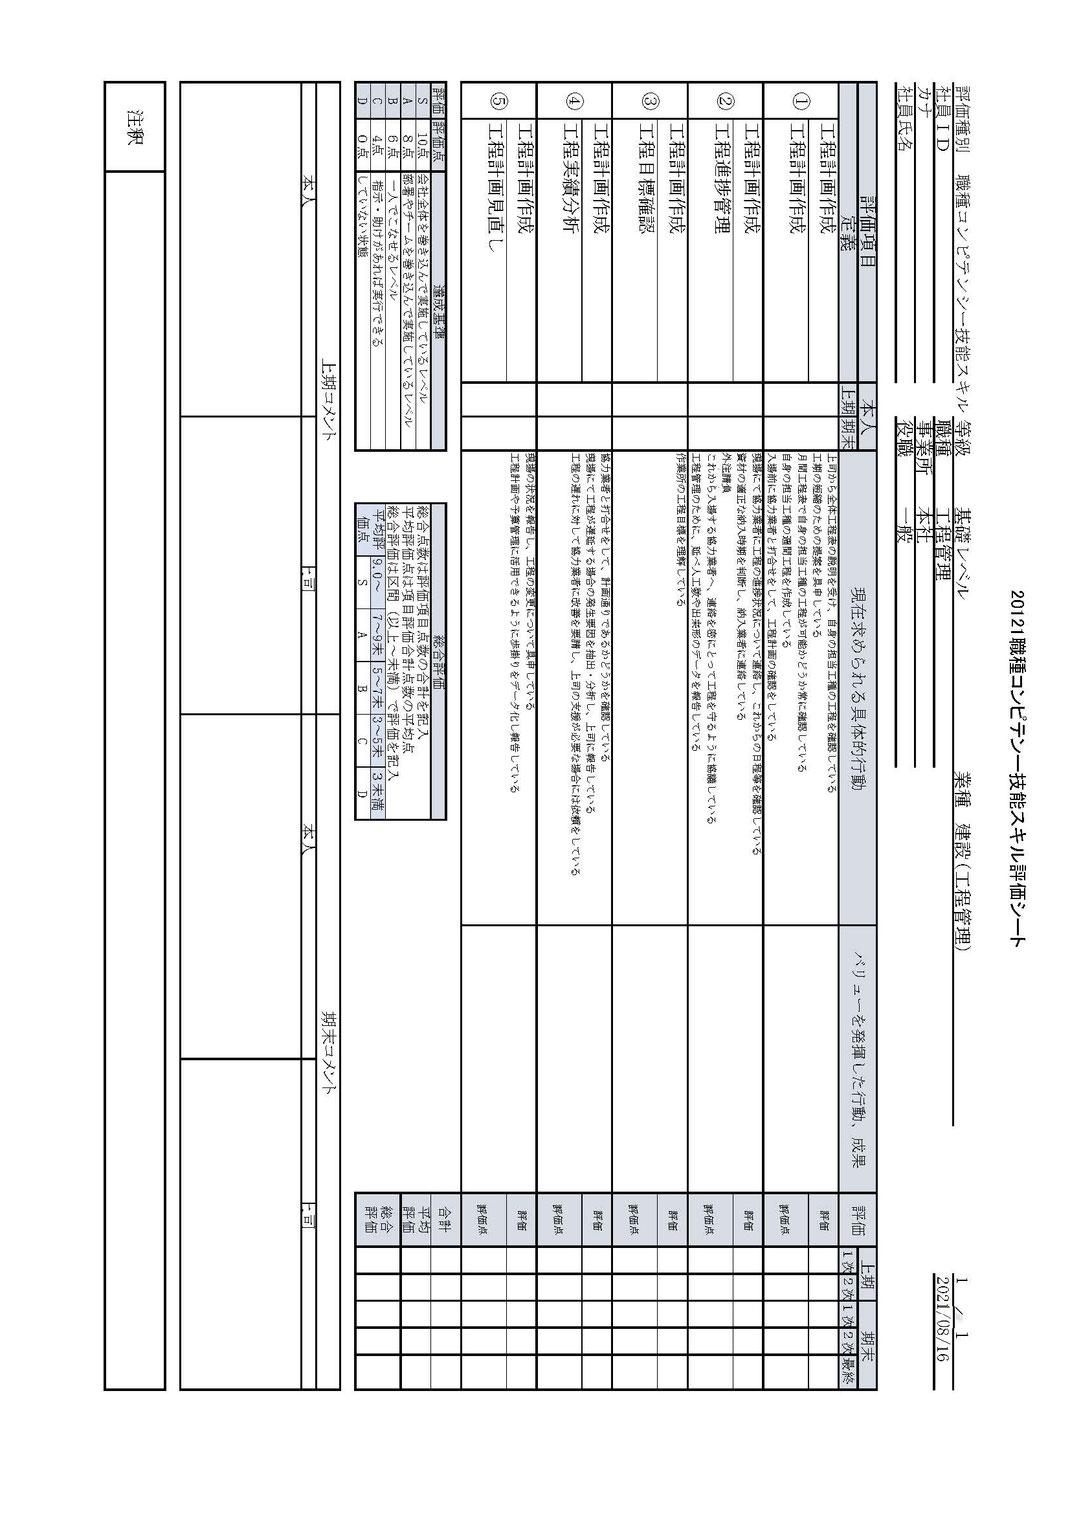 職種コンピテンシー評価シート(営業)